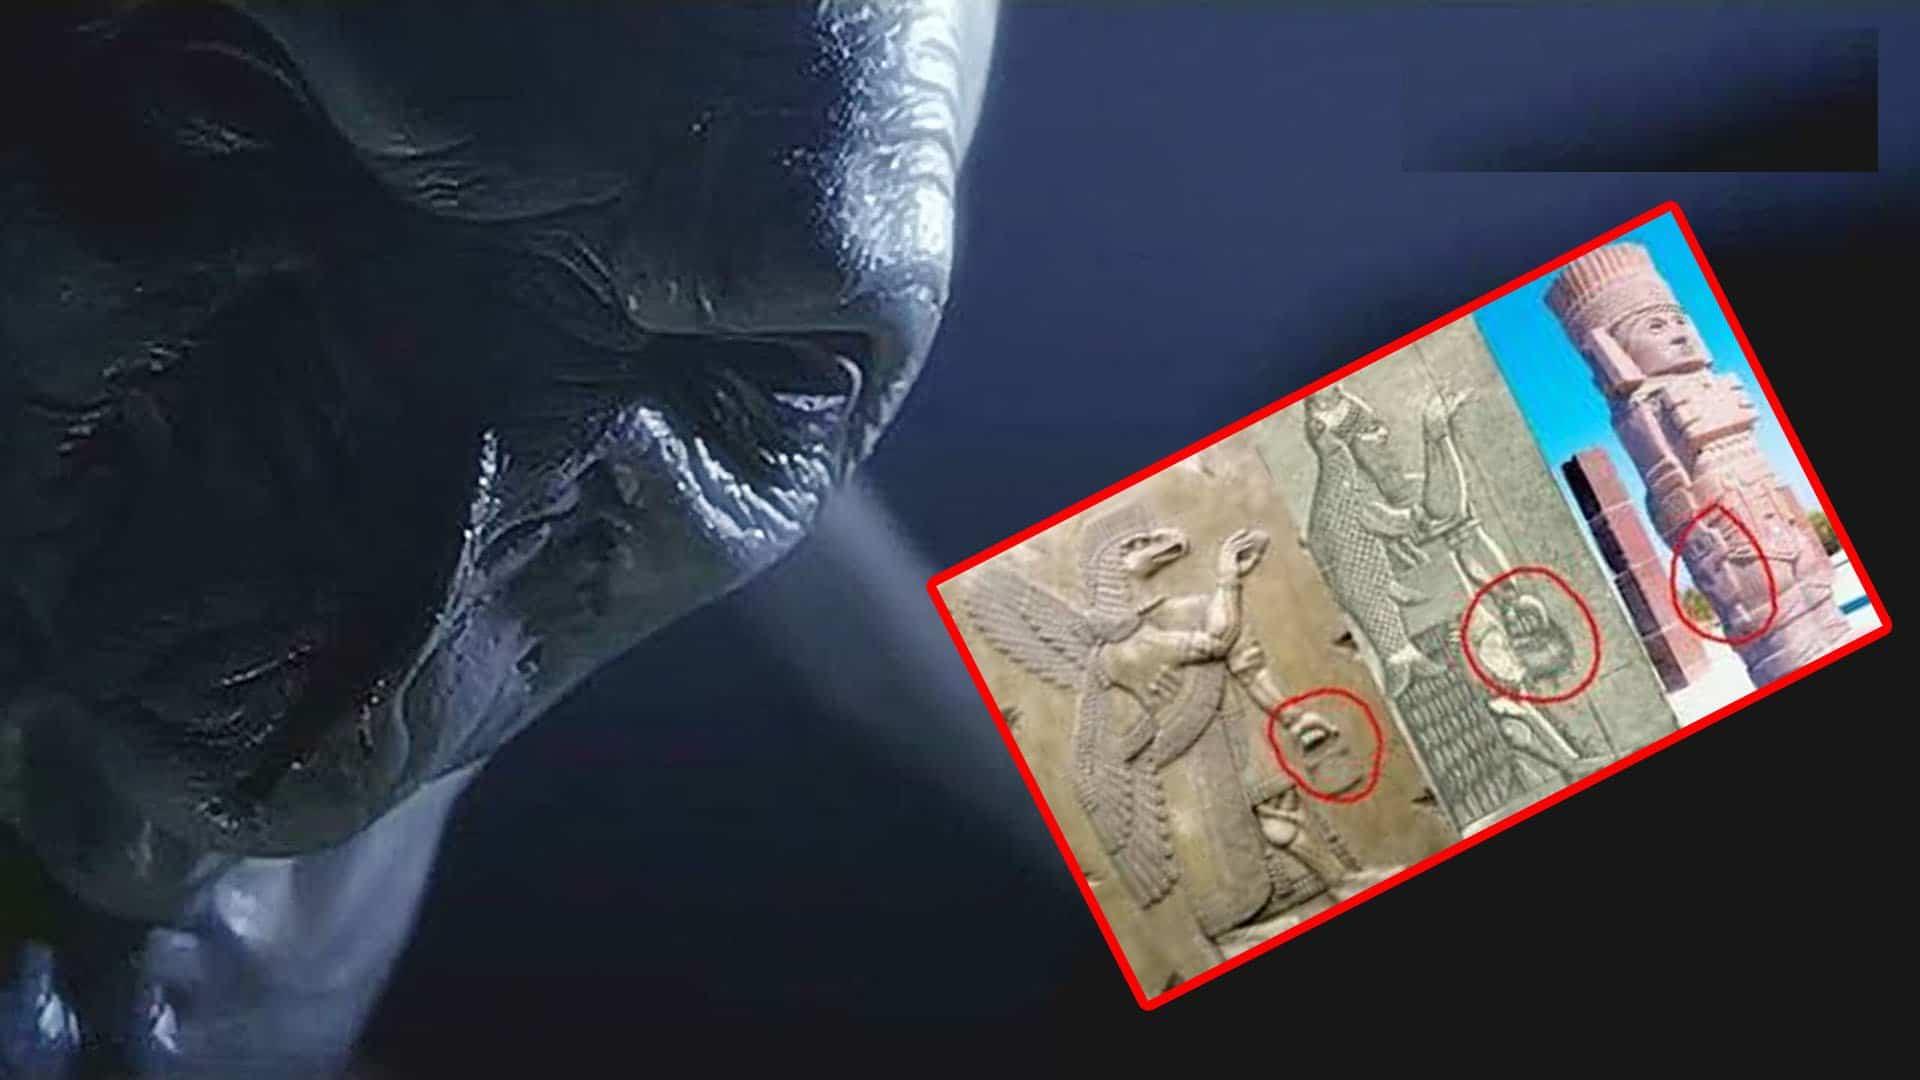 La historia de las tablas sumerias robadas y los Anunnaki